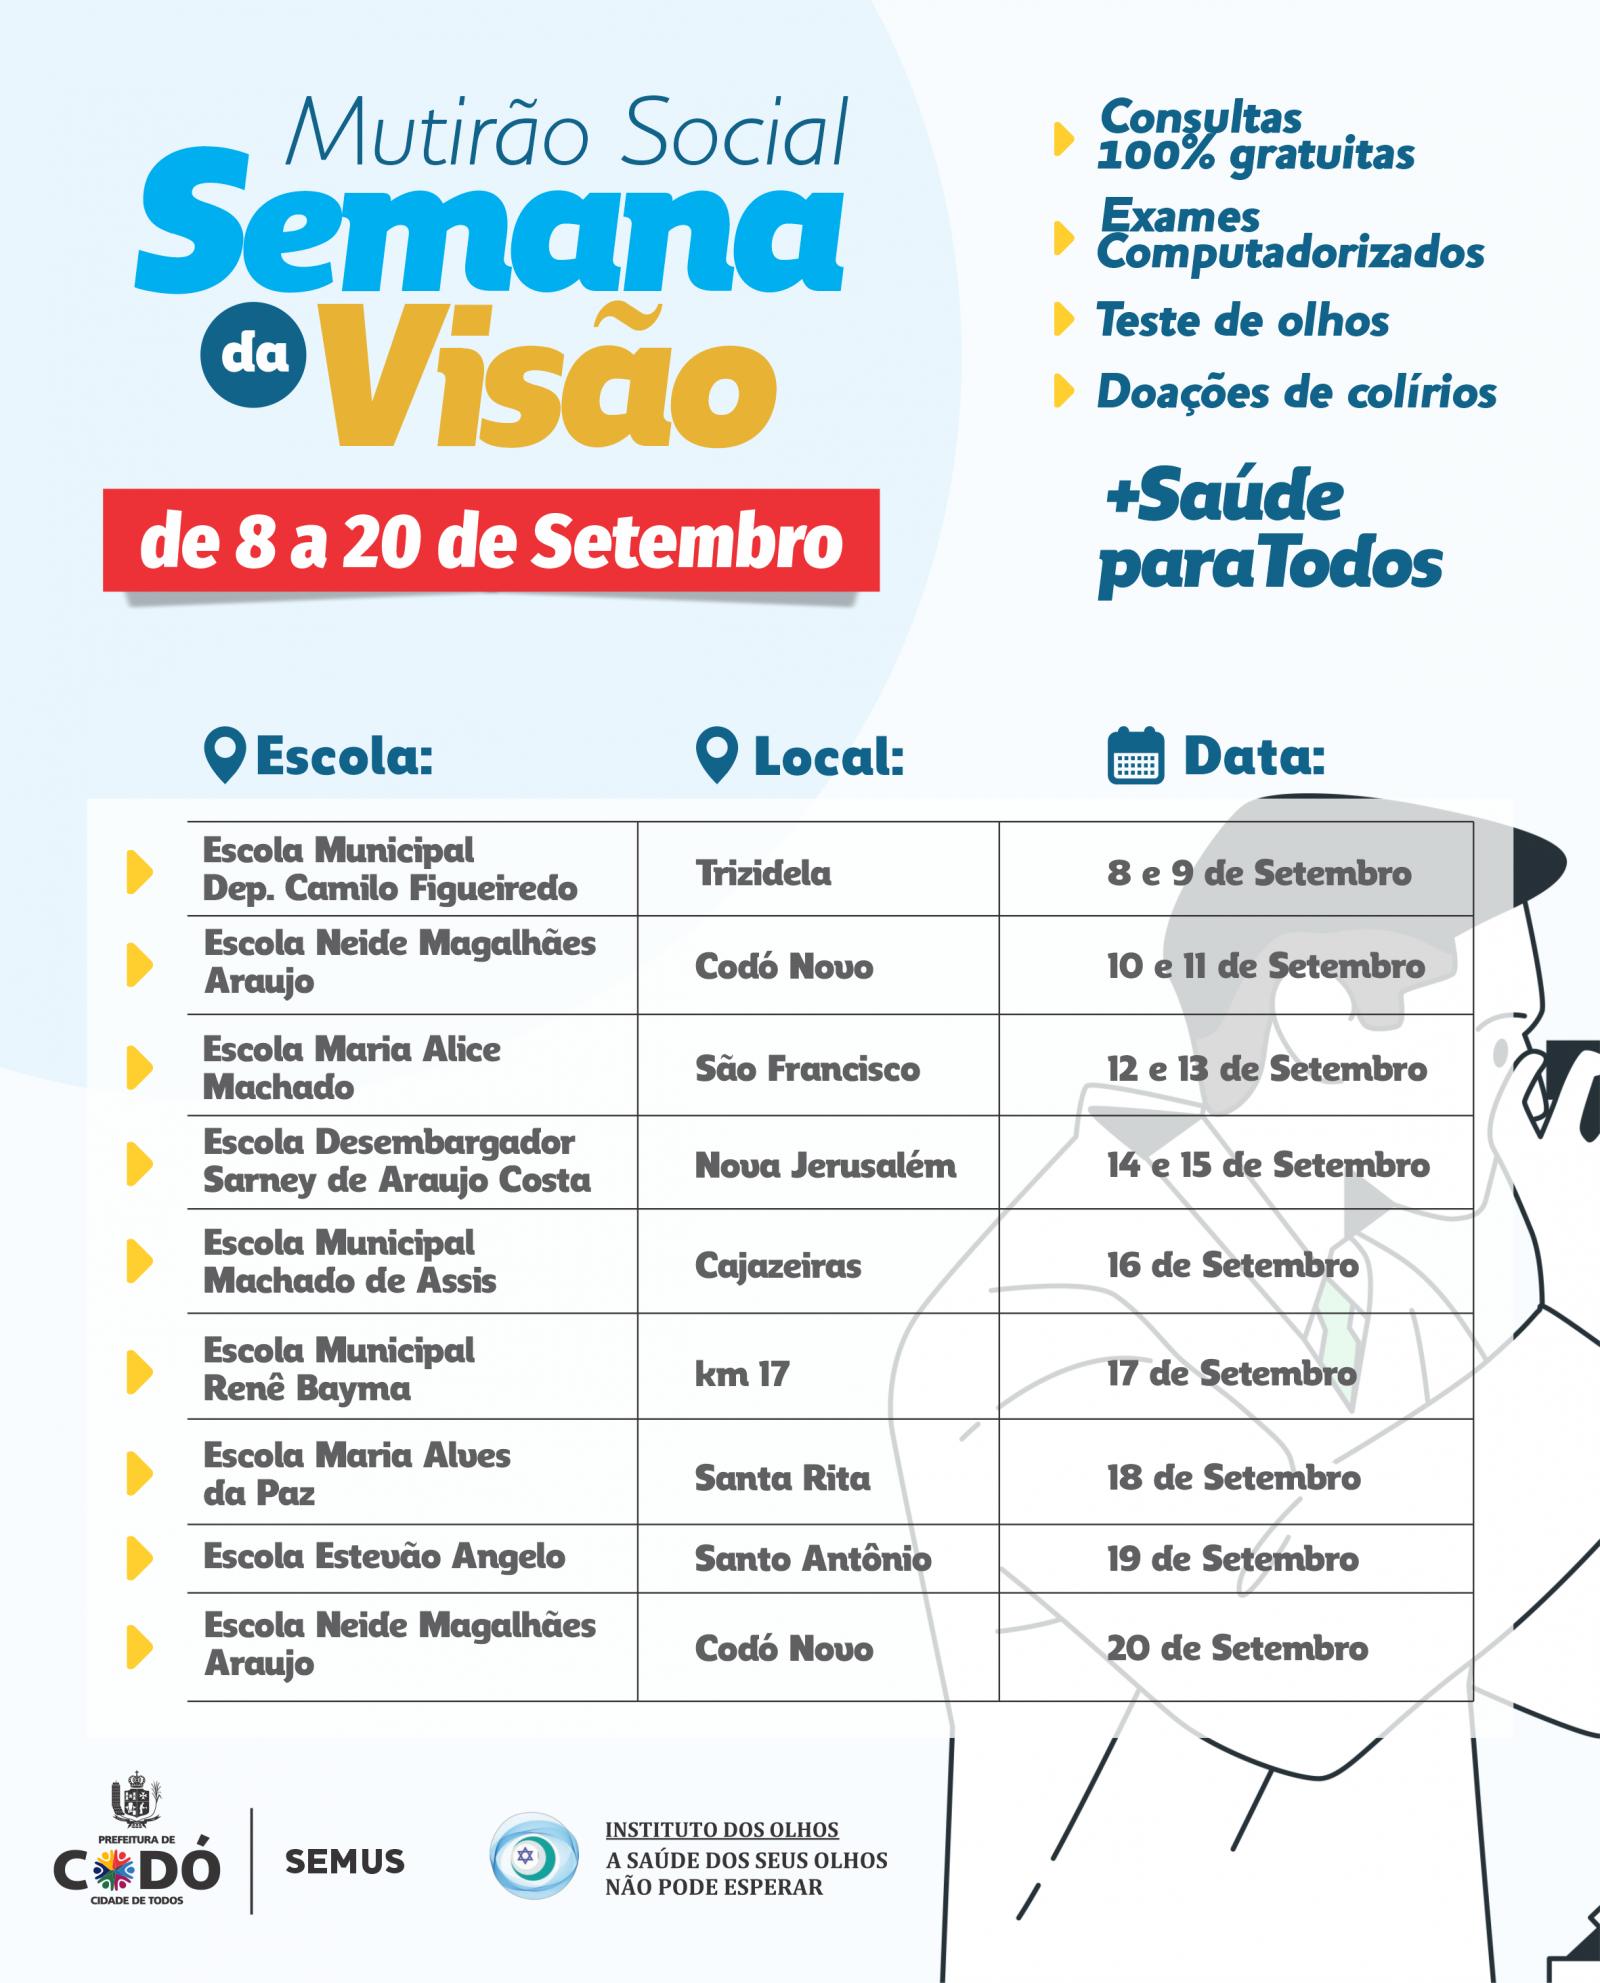 instituto dos Olhos realiza mutirão de consultas oftalmológicas em parceria com a Prefeitura de Codó